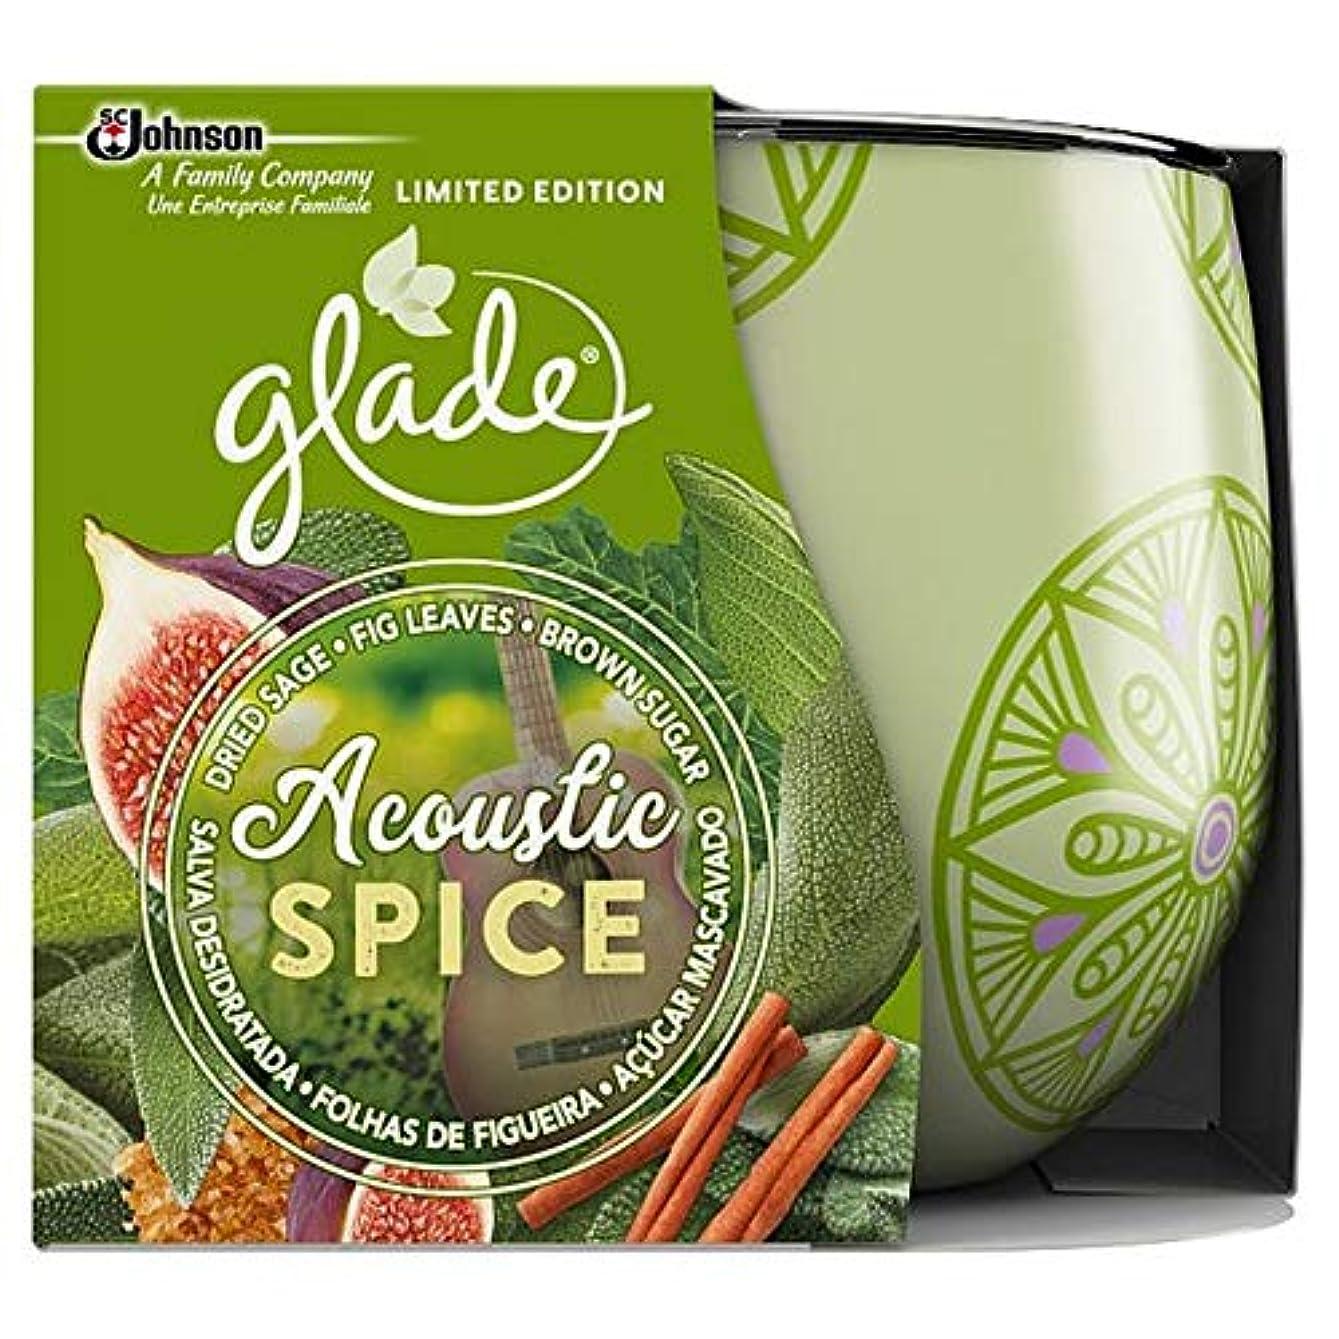 挽くストレージ晩餐[Glade ] 音響スパイスキャンドル120グラムを空き地 - Glade Acoustic Spice Candle 120G [並行輸入品]